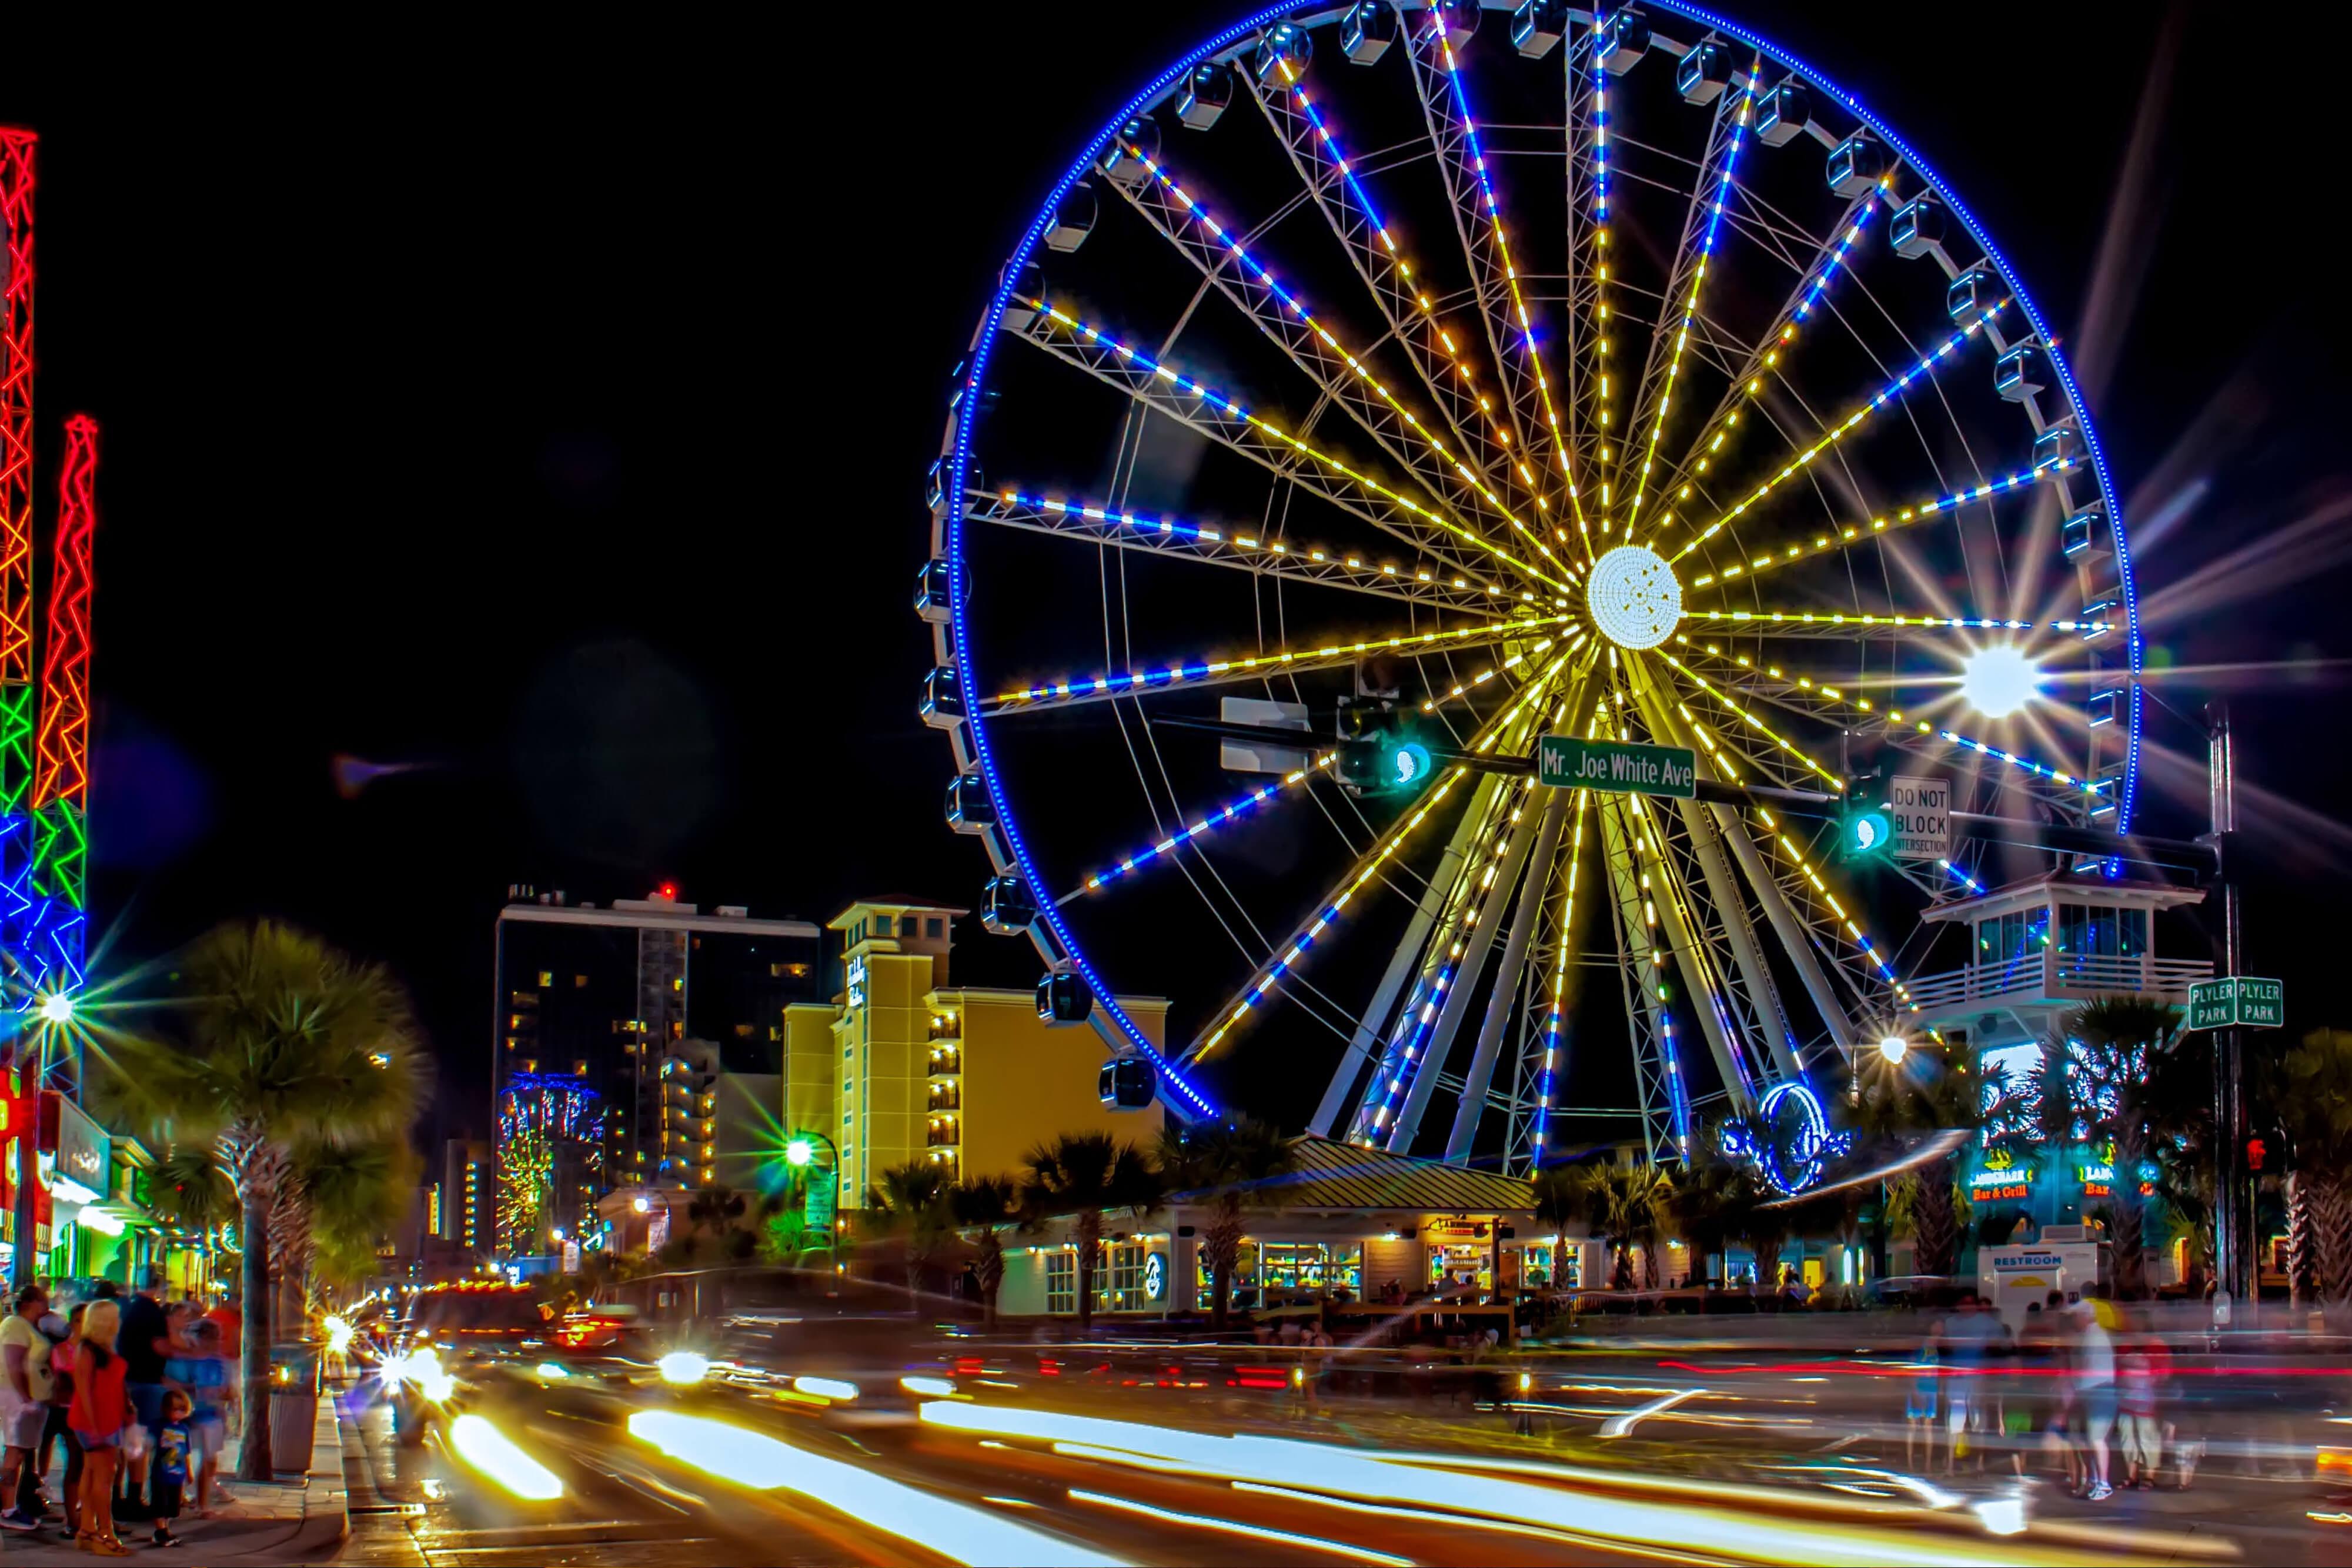 Dollywood Summer Celebration - ferris wheel